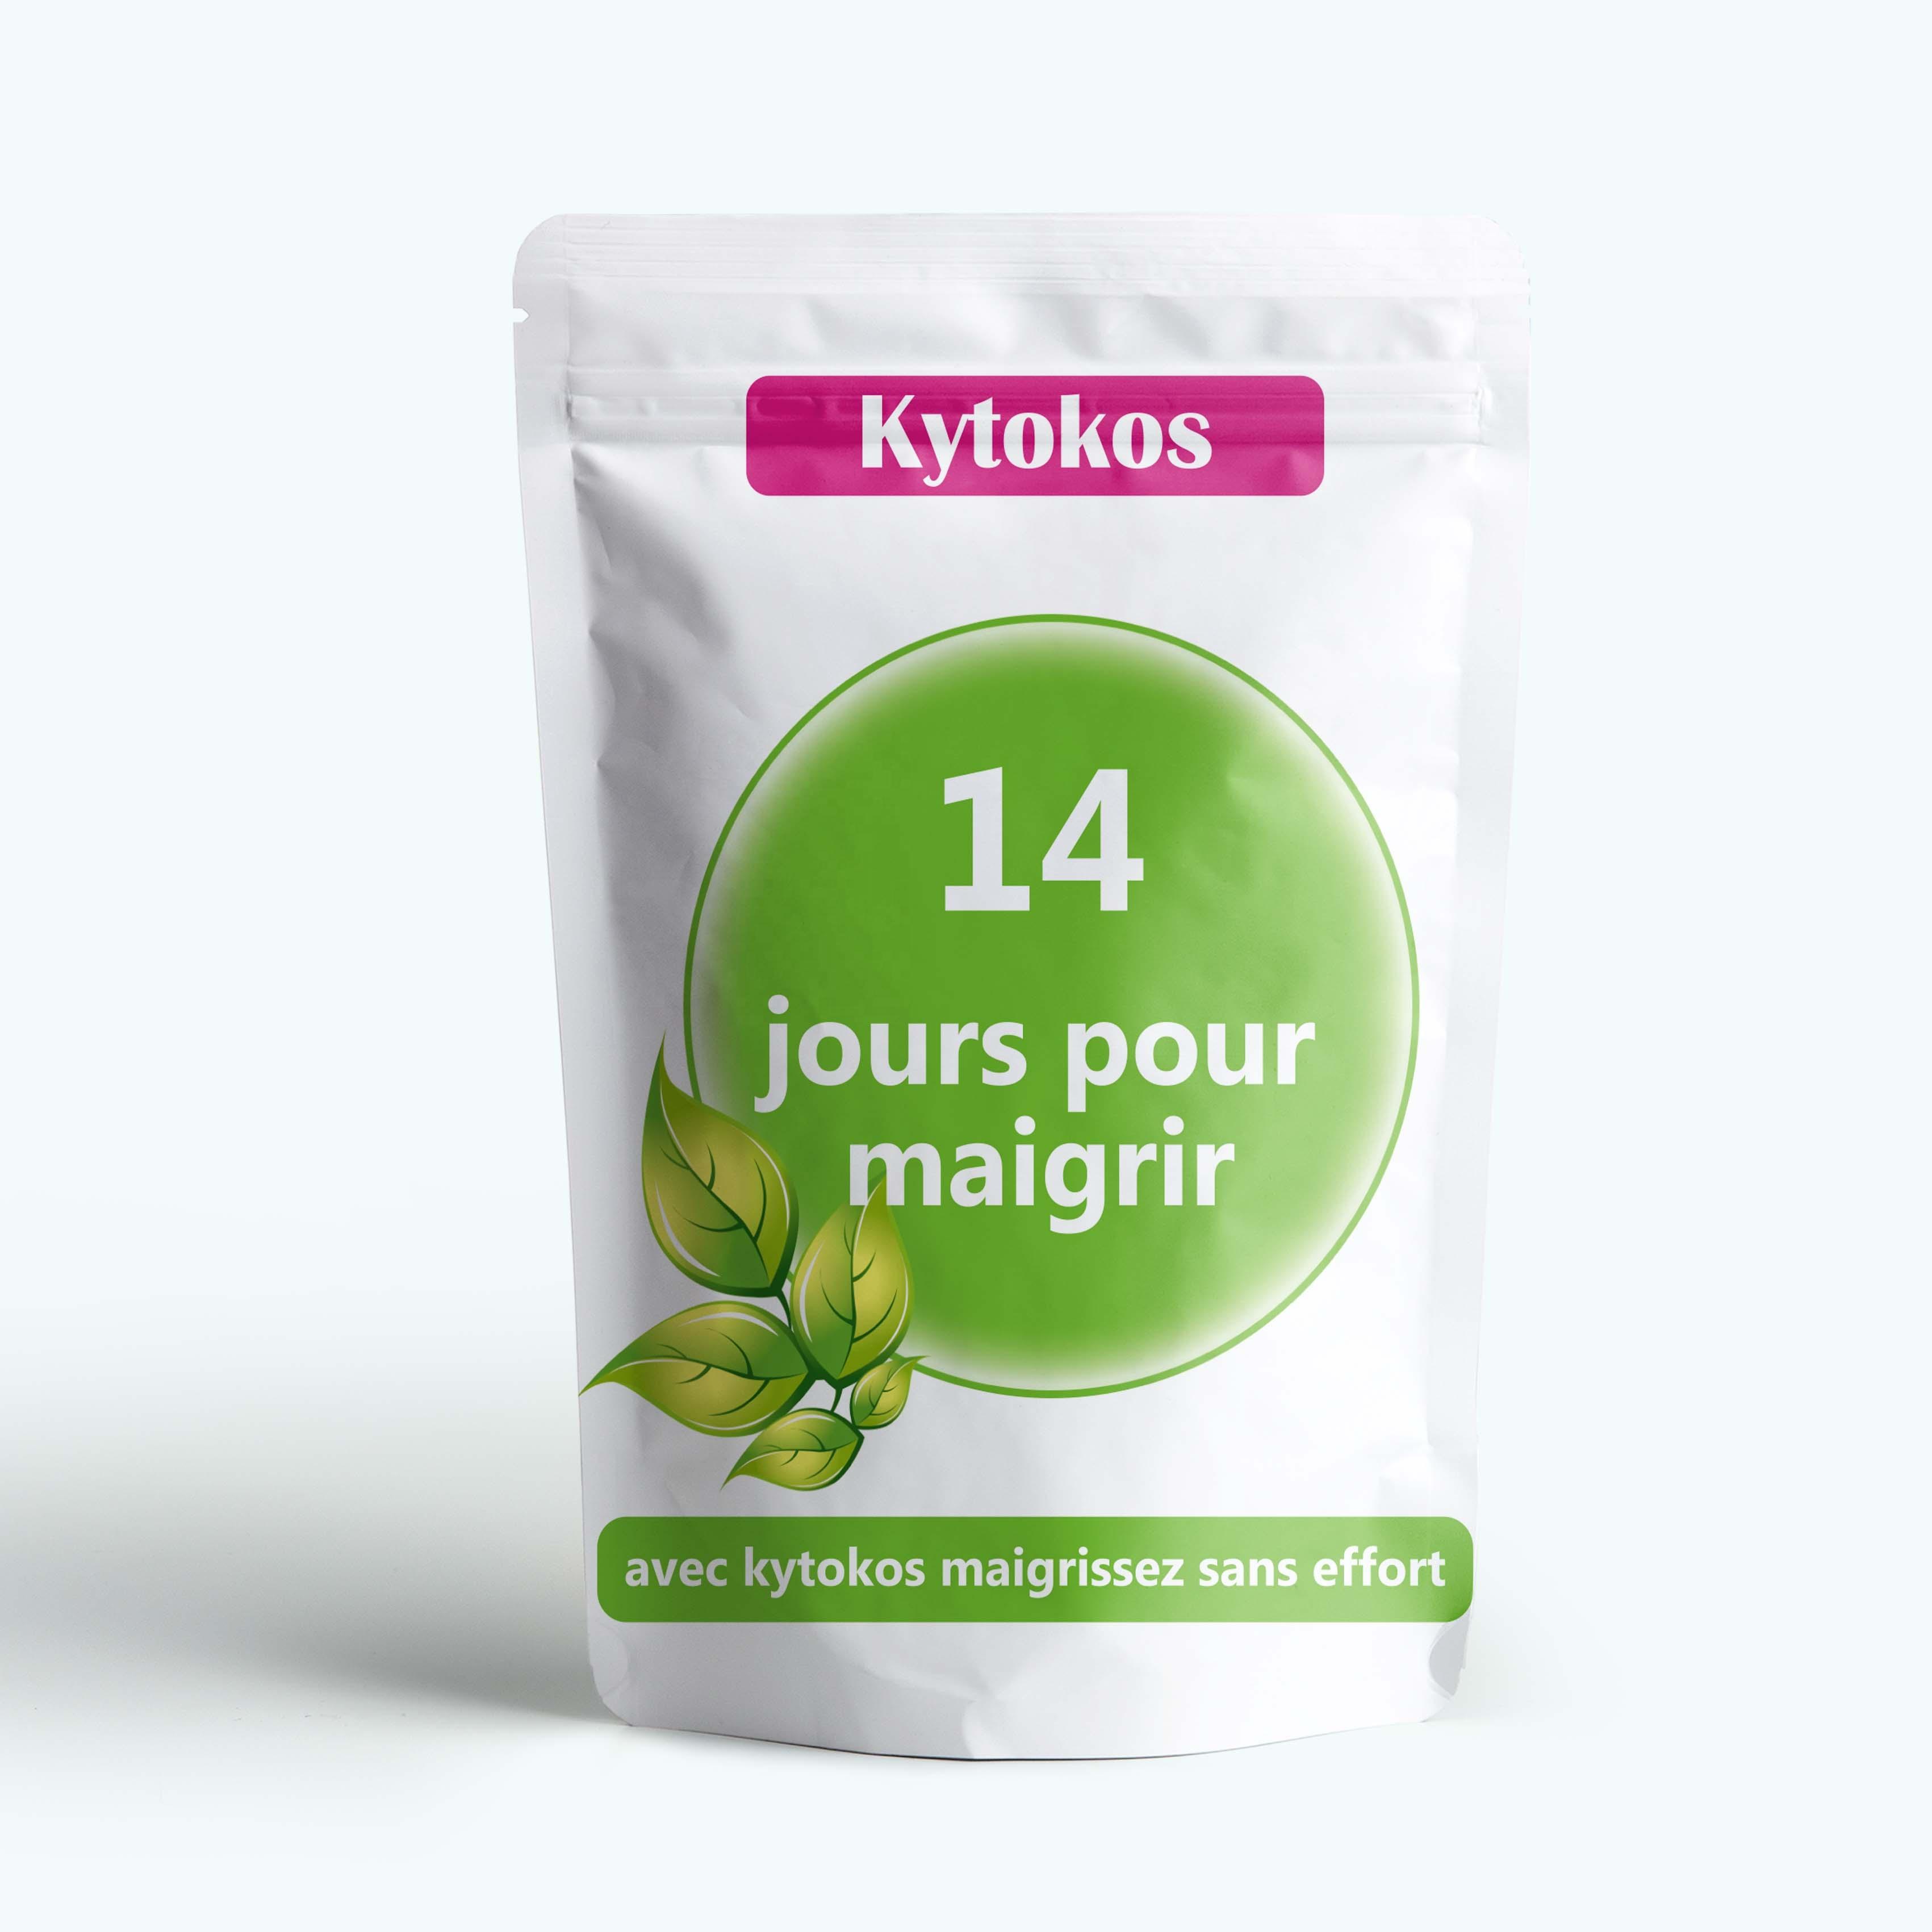 Detox Weight Loss Tea for Women Gentle Detox Tea 28 Day Skinny Tea for Slimming - 4uTea | 4uTea.com